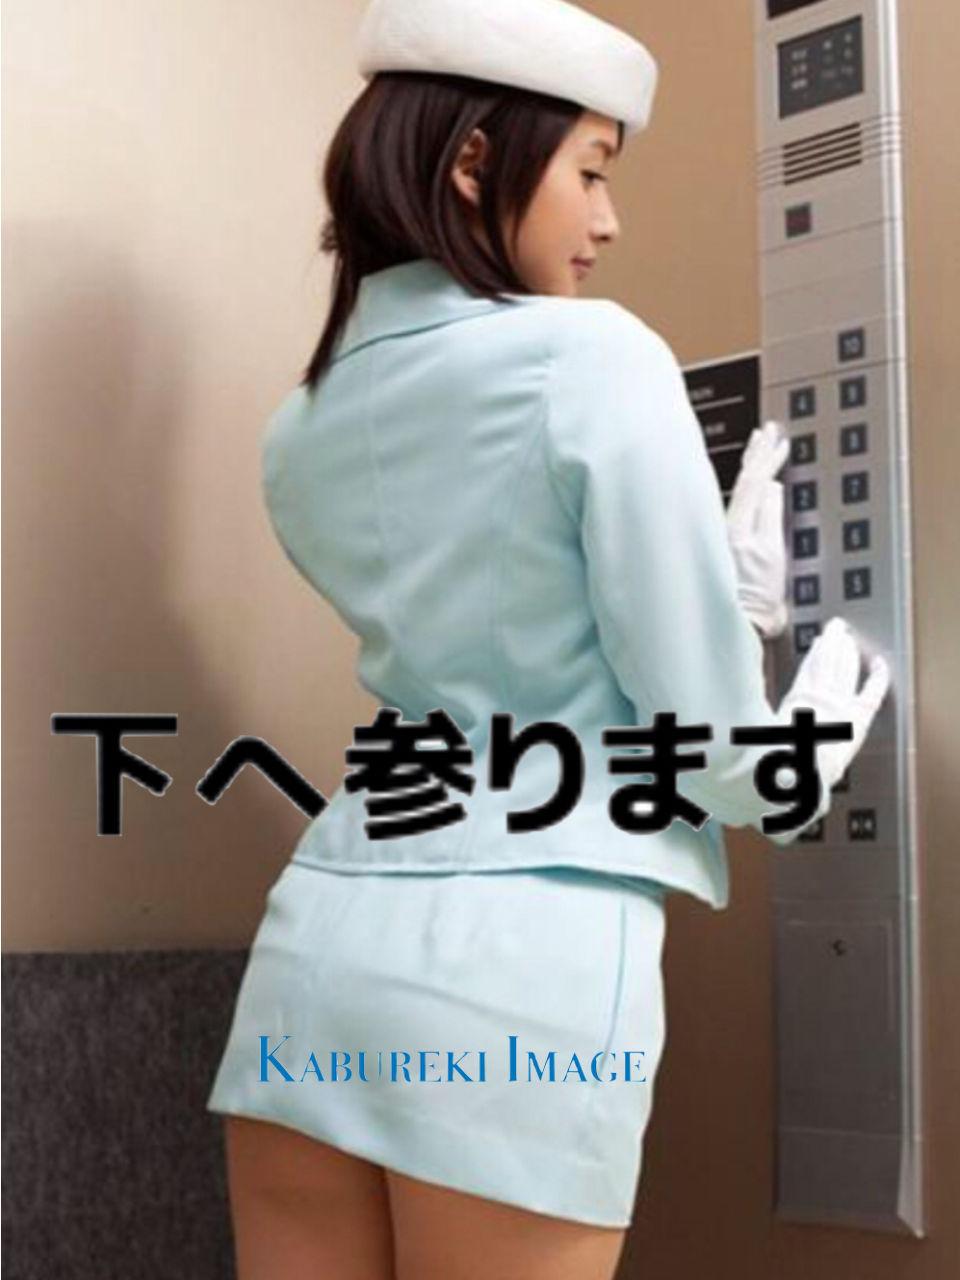 8789 - フィンテック グローバル(株) Kabureki Now  値下がりしていますなぁ